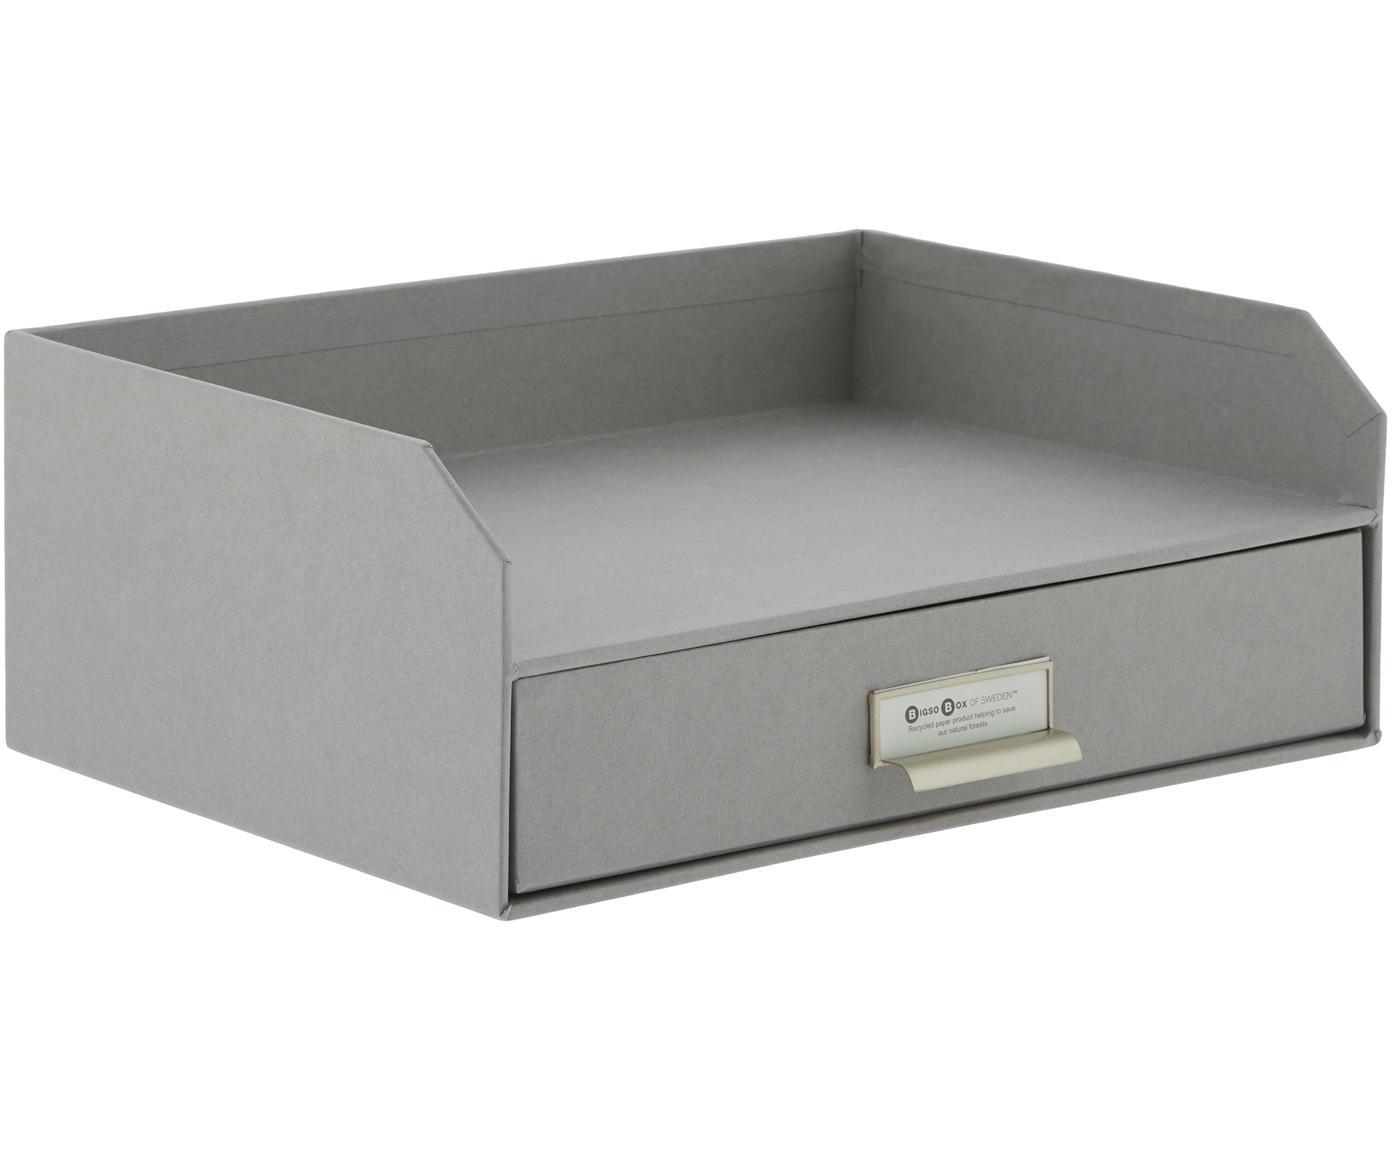 Organizador de escritorioWalter, Organizador: cartón laminado, Gris, An 33 x Al 13 cm